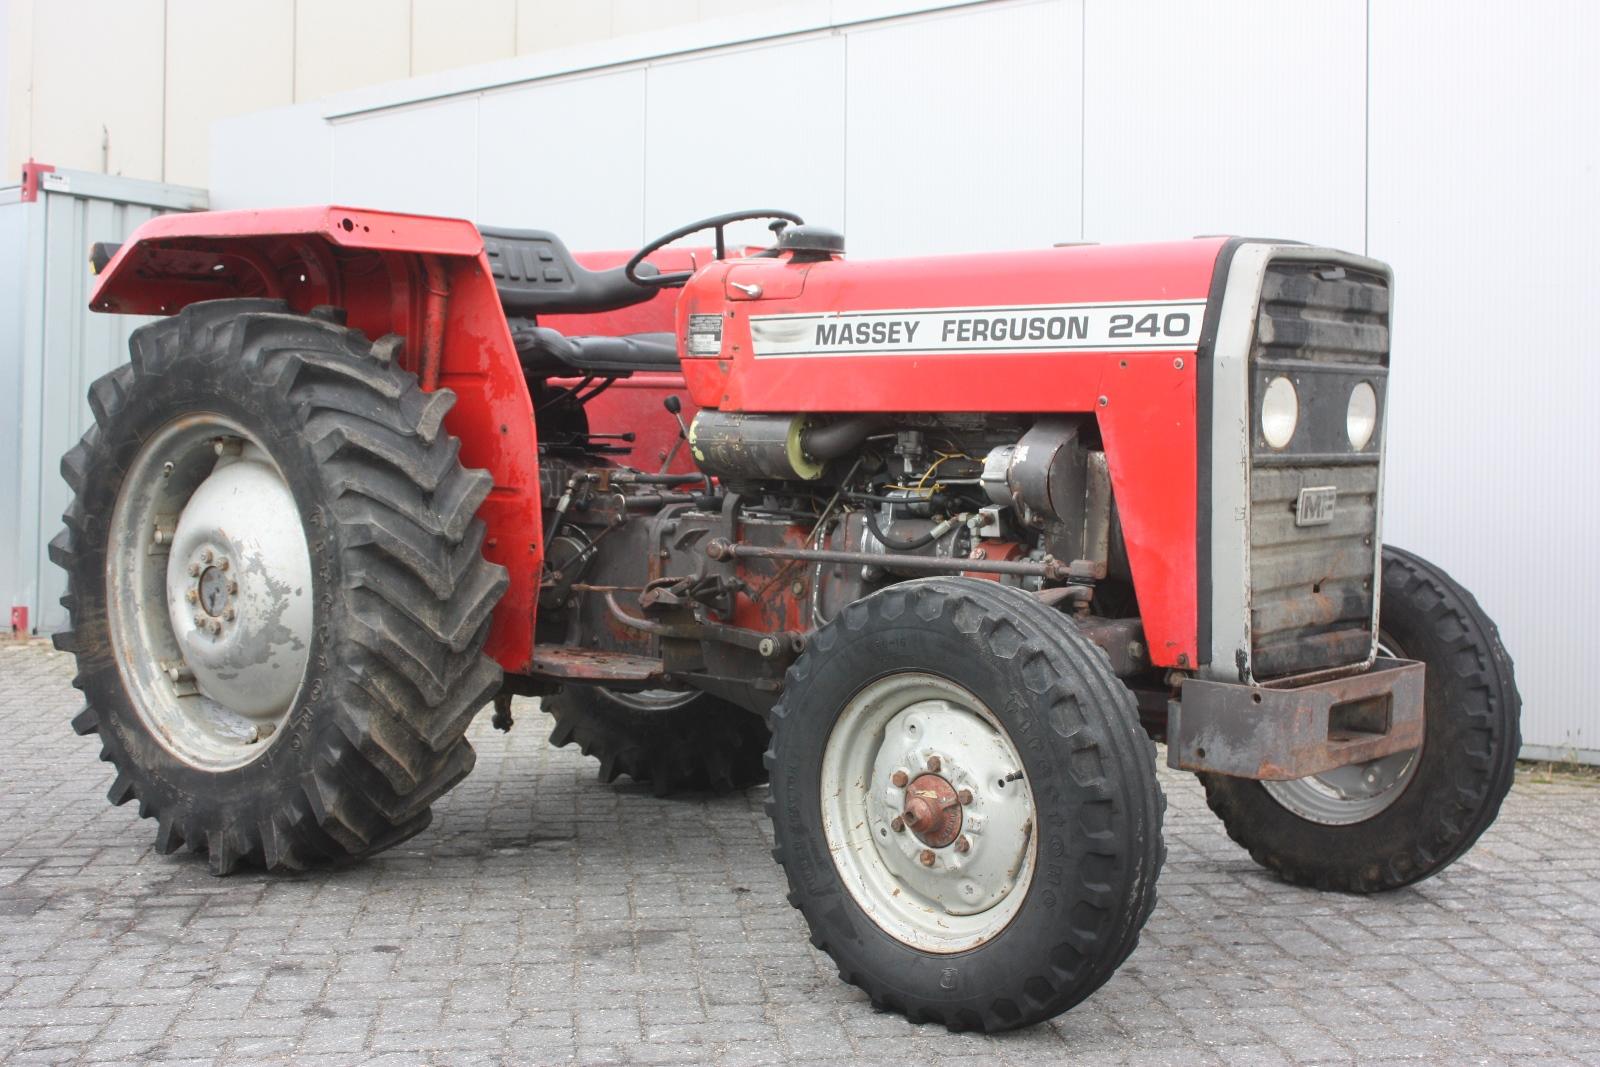 Massey Ferguson 240 1983 Agricultural Tractor Van Dijk